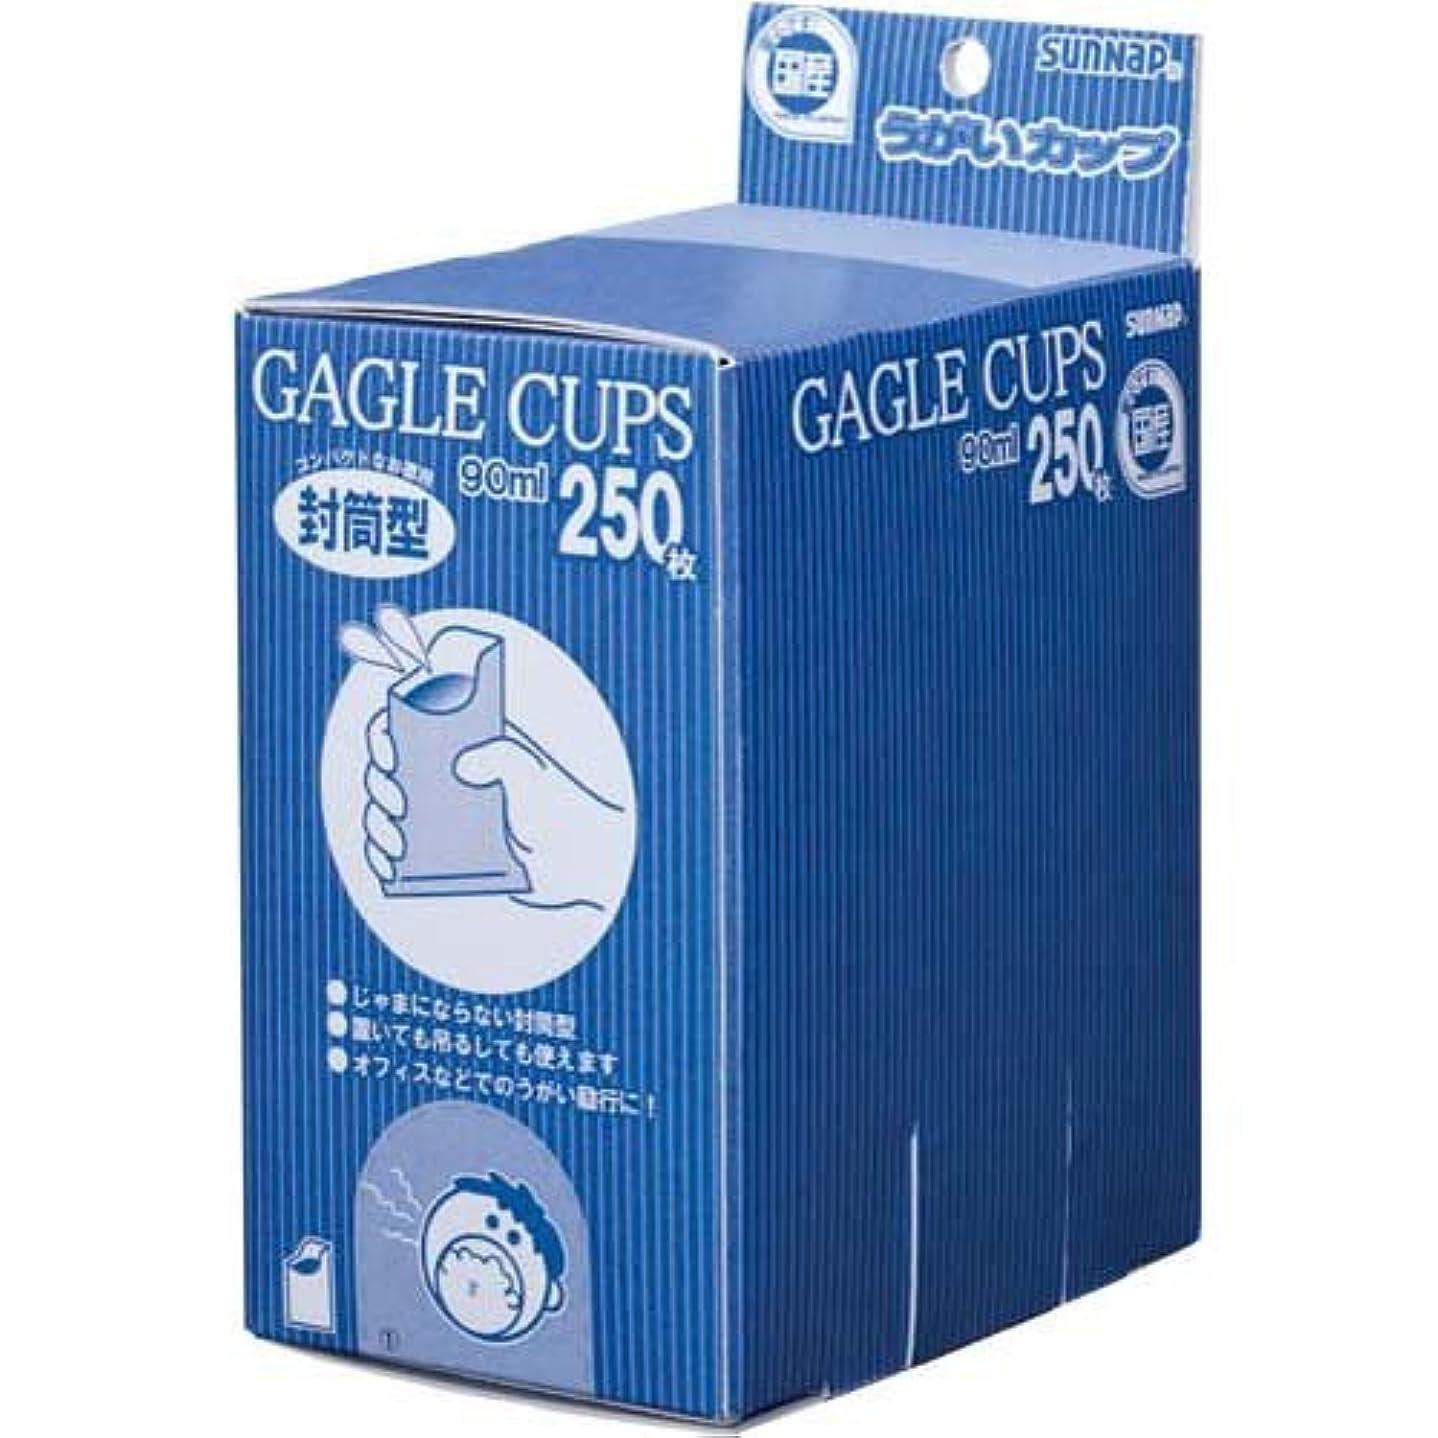 小川謝罪するほとんどの場合サンナップ 封筒型うがいカップ250枚×5箱